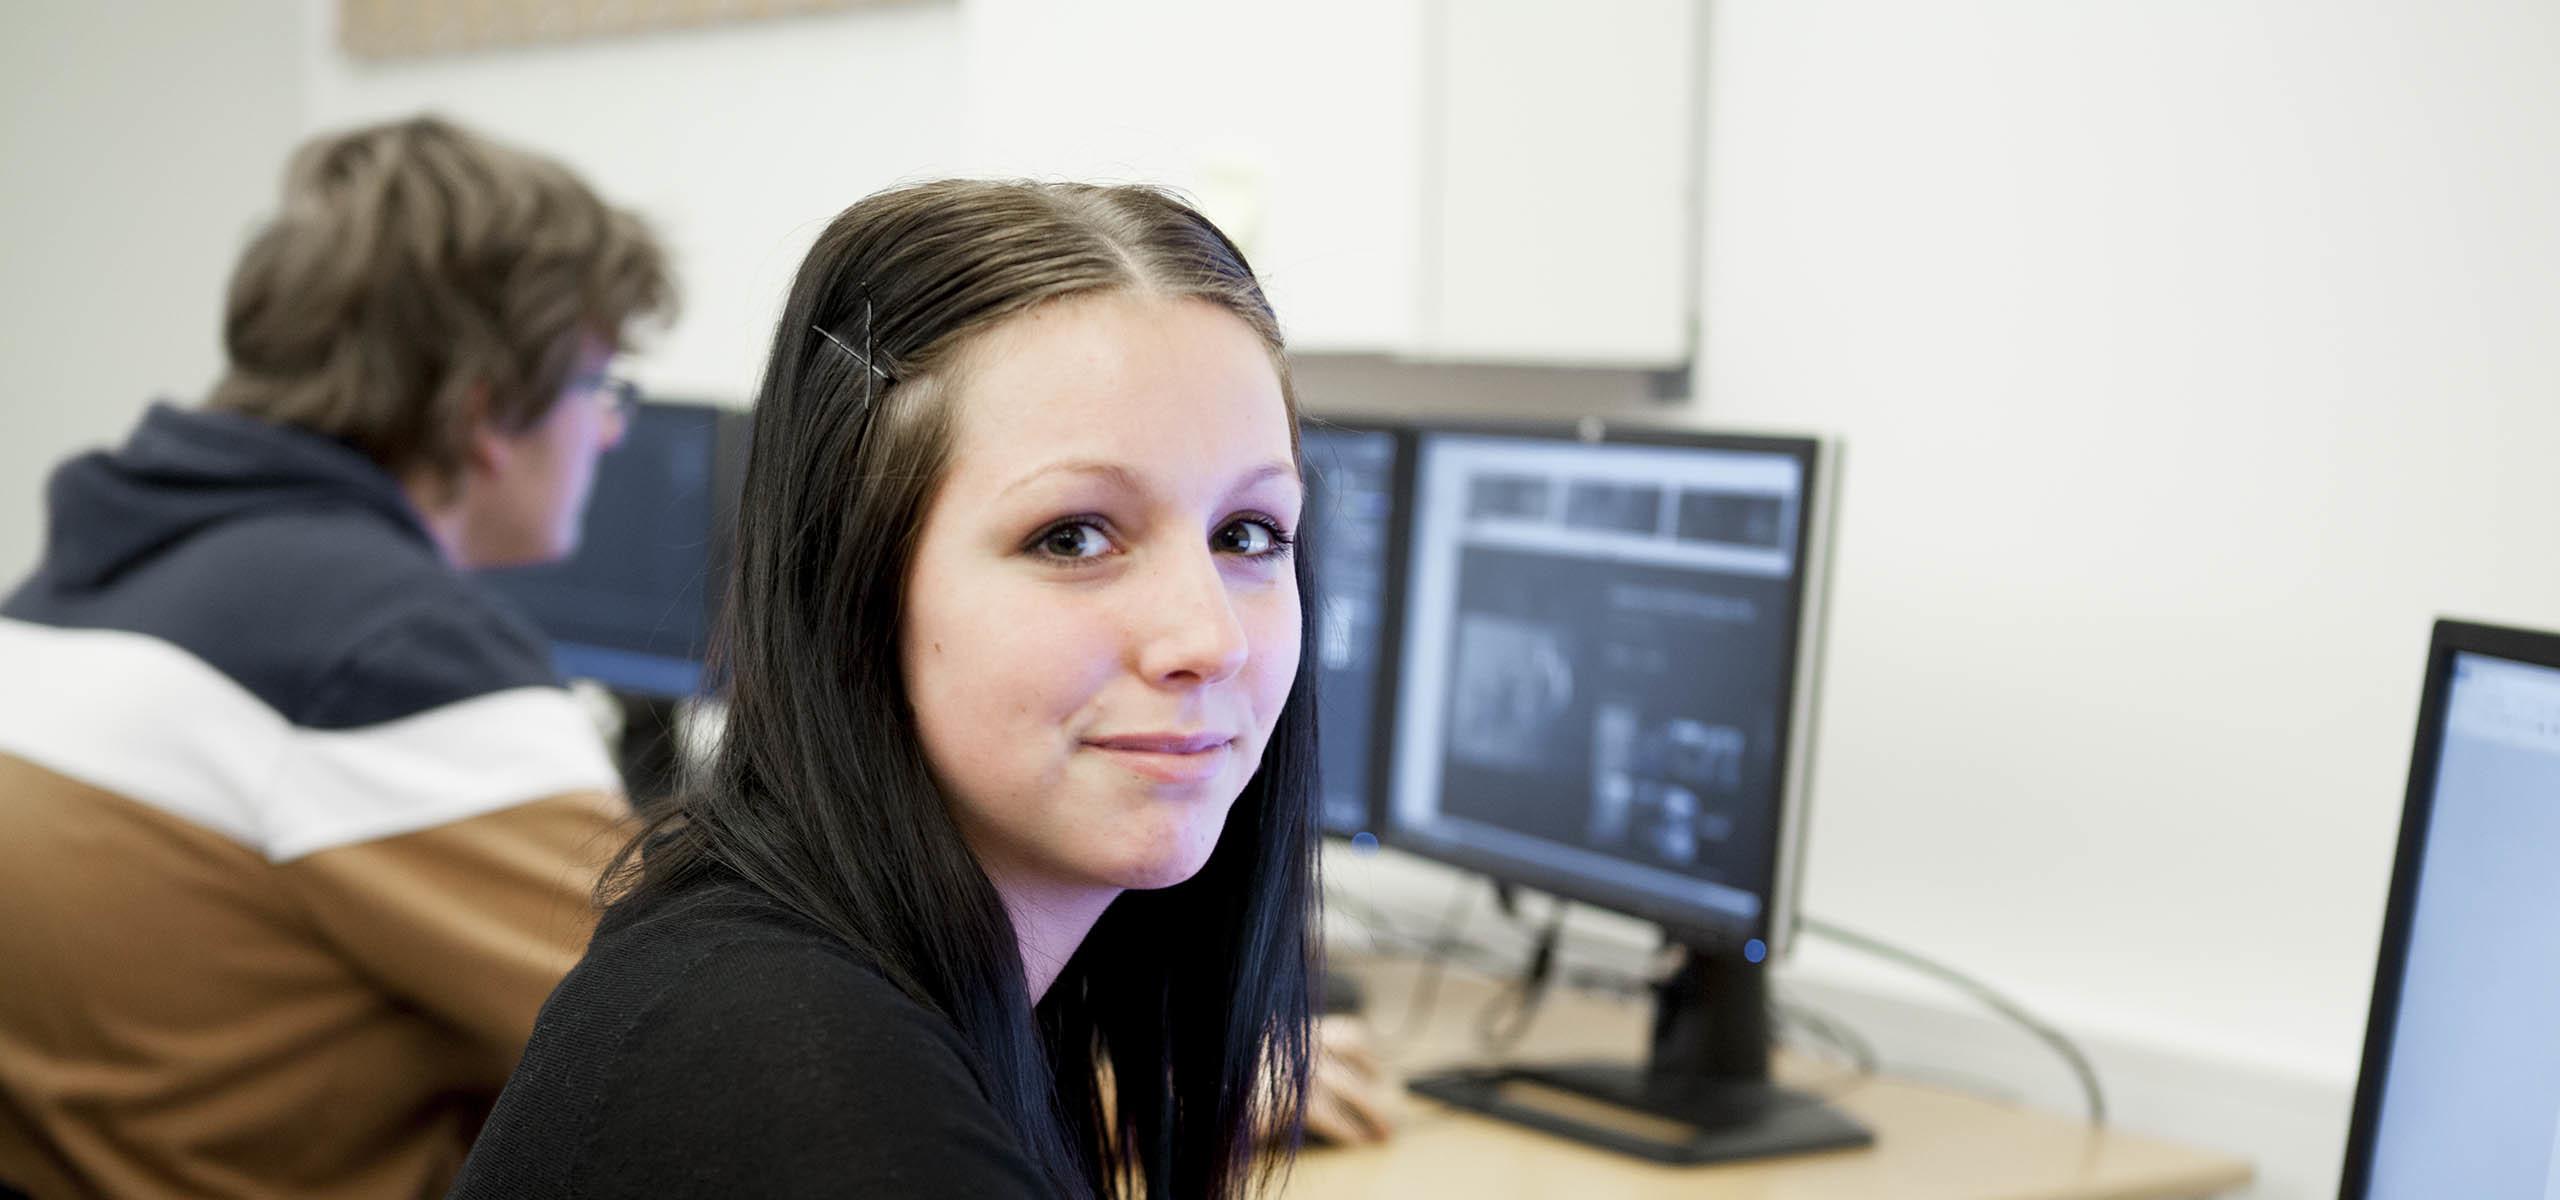 TECHNICAL ARTIST I SPEL, kvinnlig student i datorsal